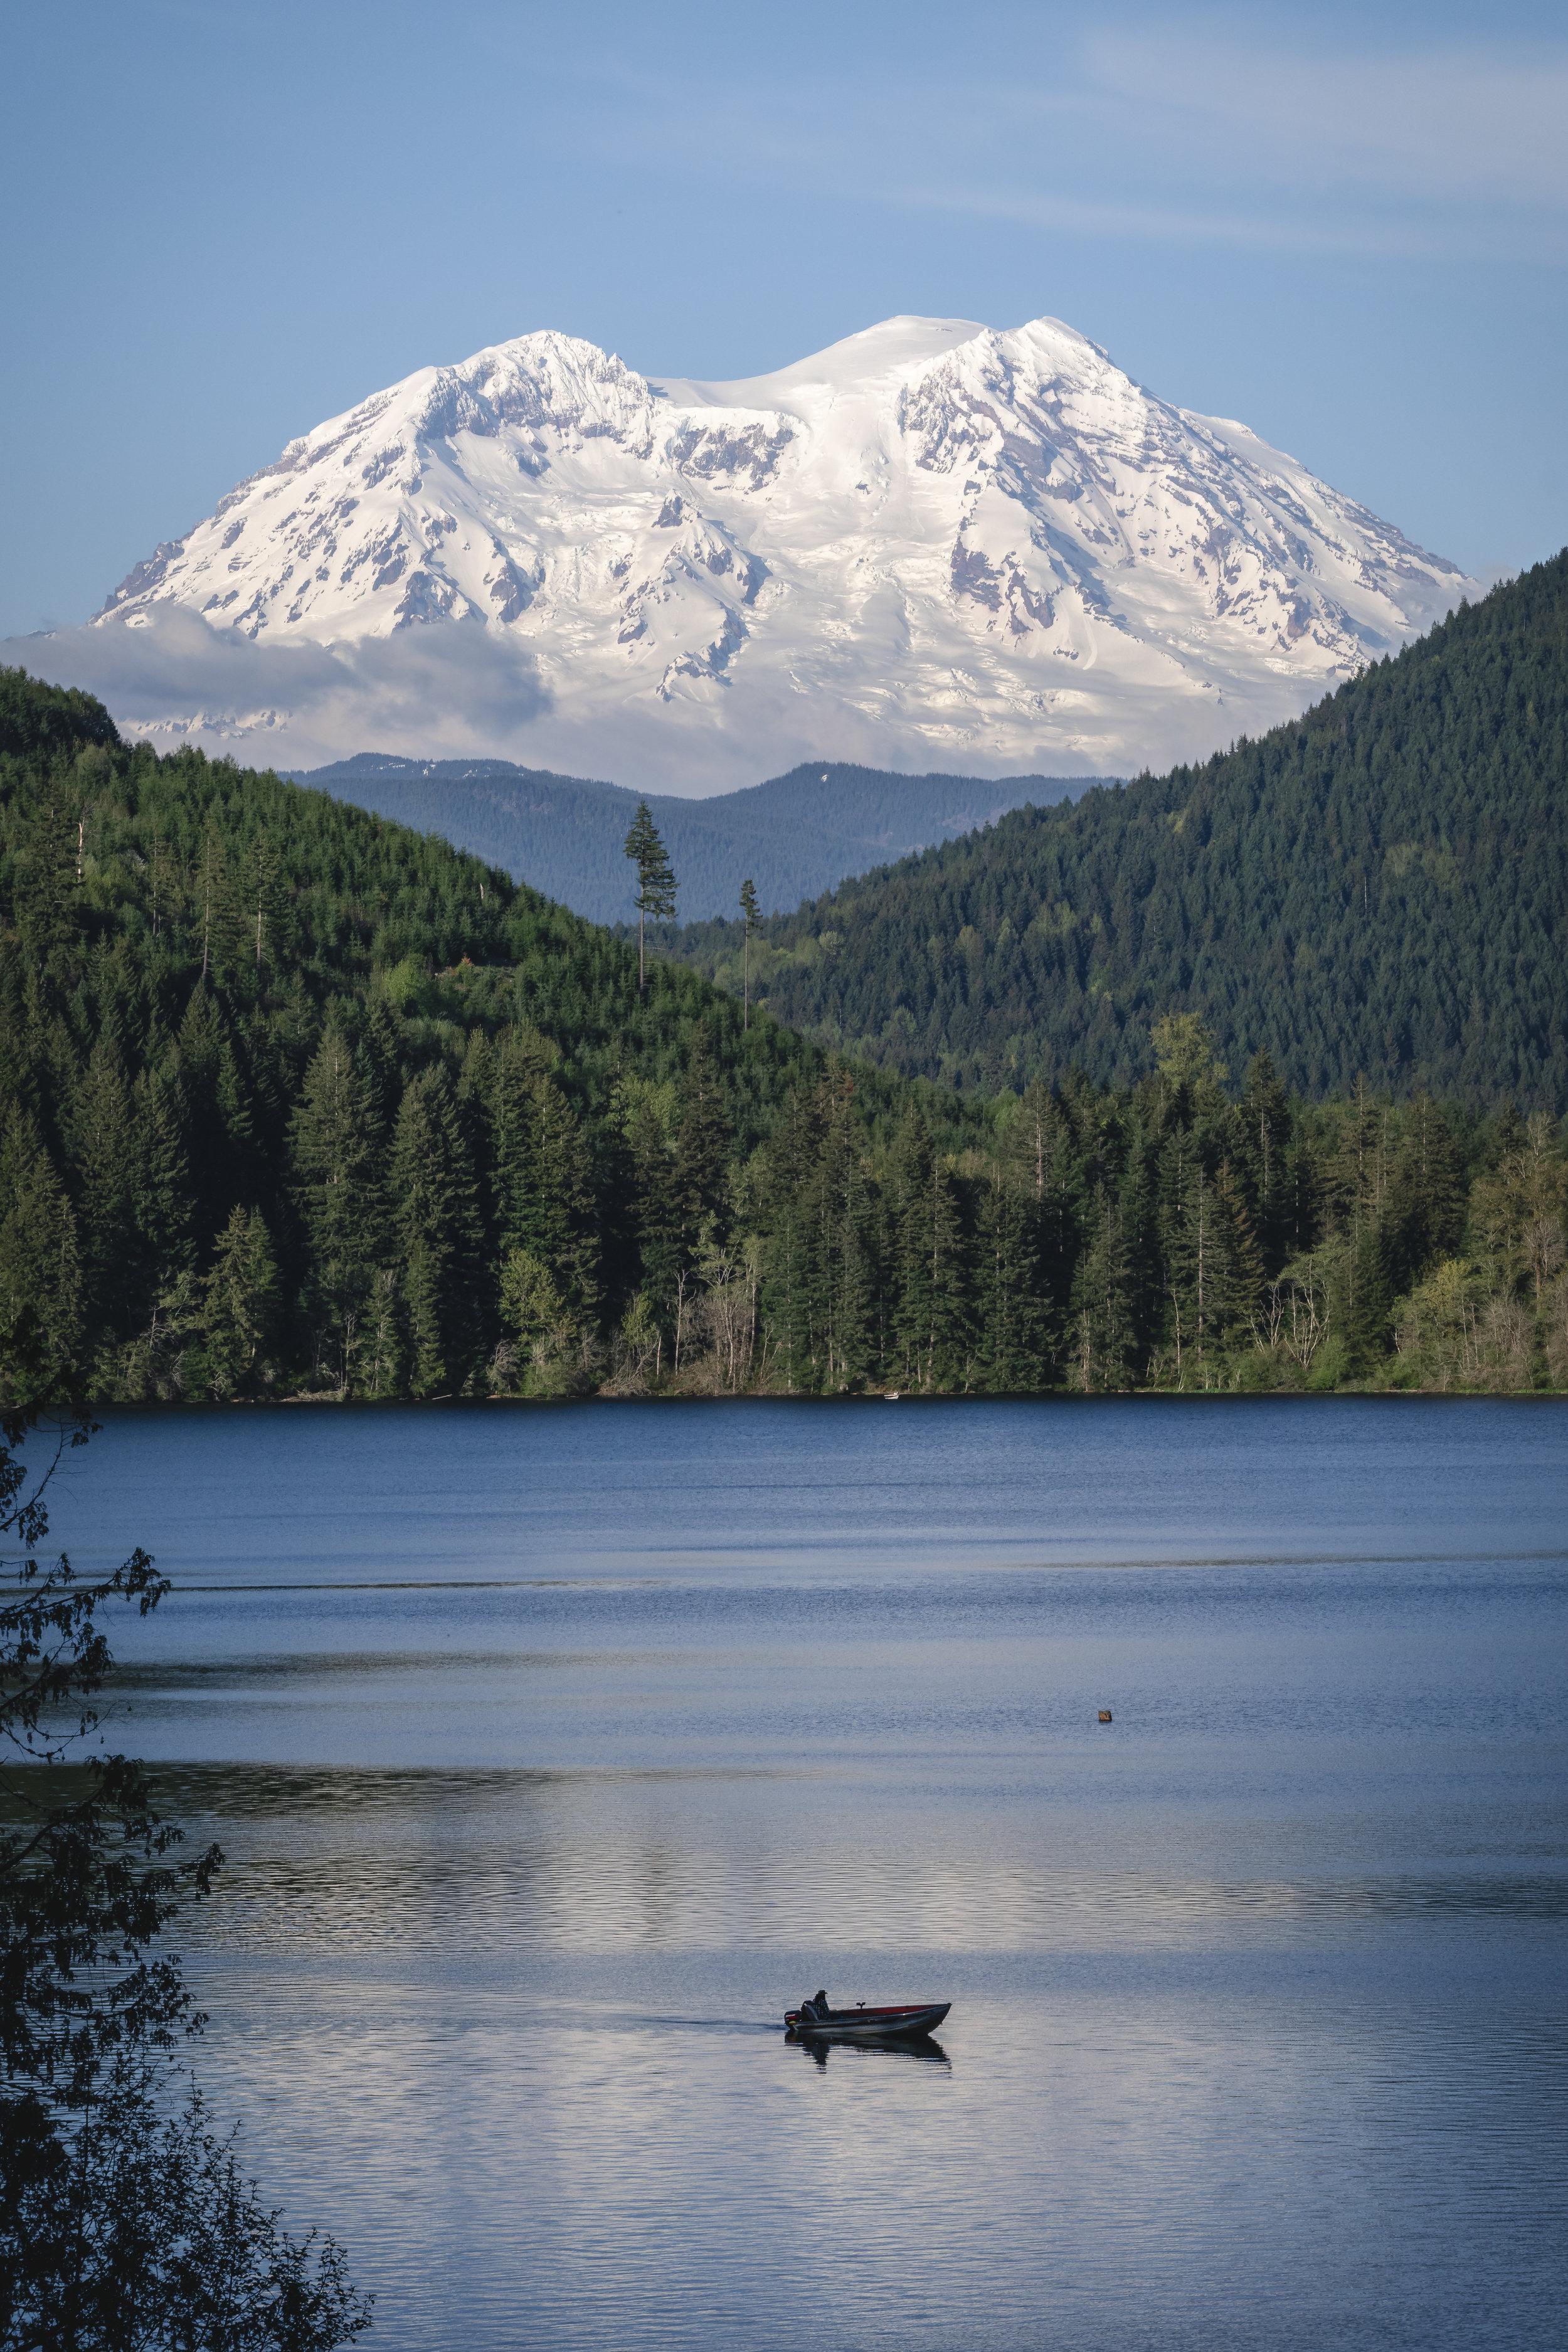 Mt_Rainier_Washington_Lake_Fishing.jpg